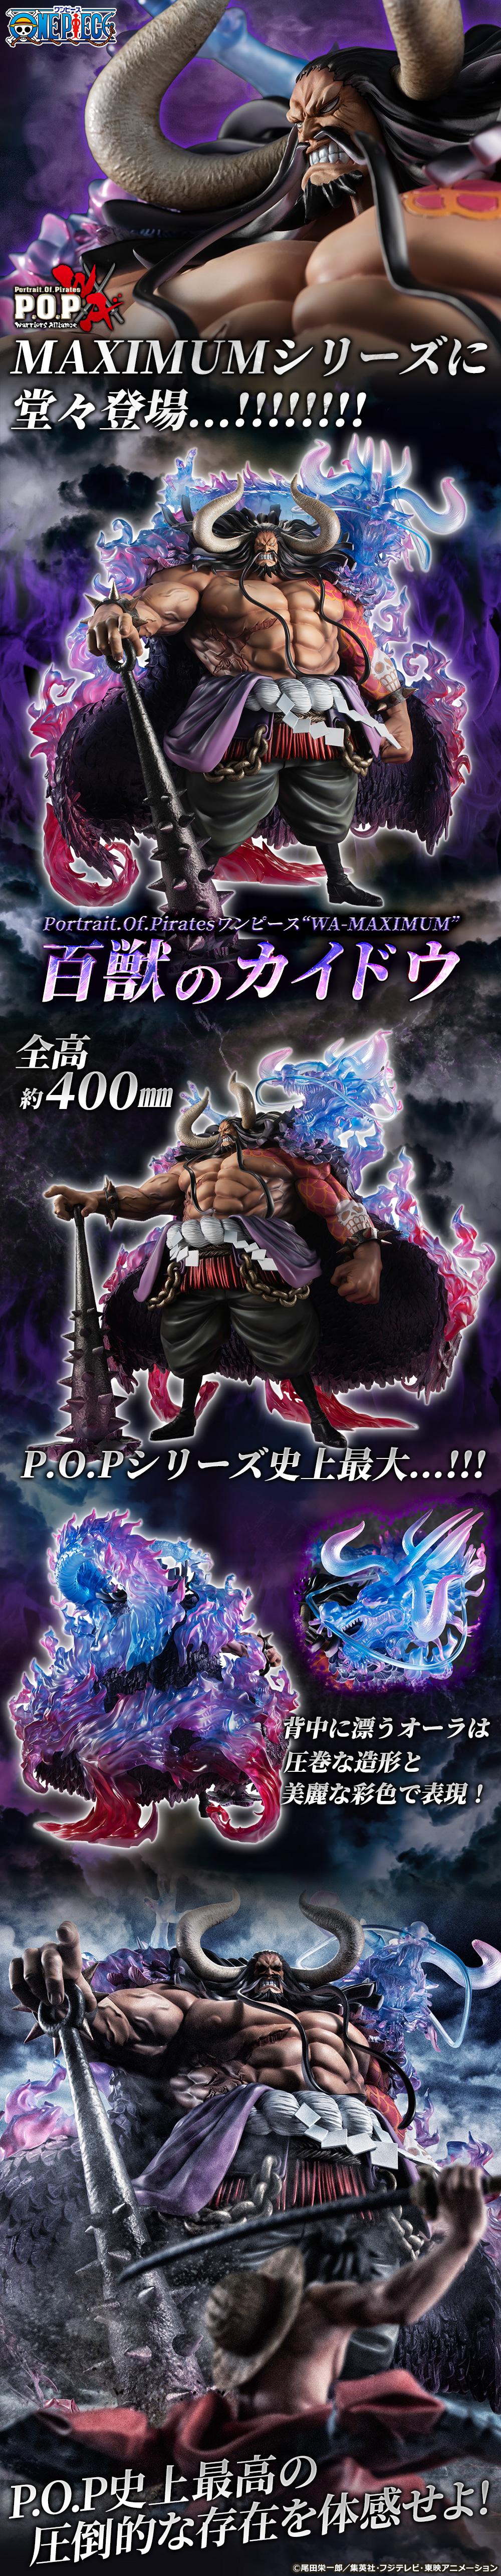 """Portrait.Of.Pirates ワンピース """"WA-MAXIMUM"""" 百獣のカイドウ"""